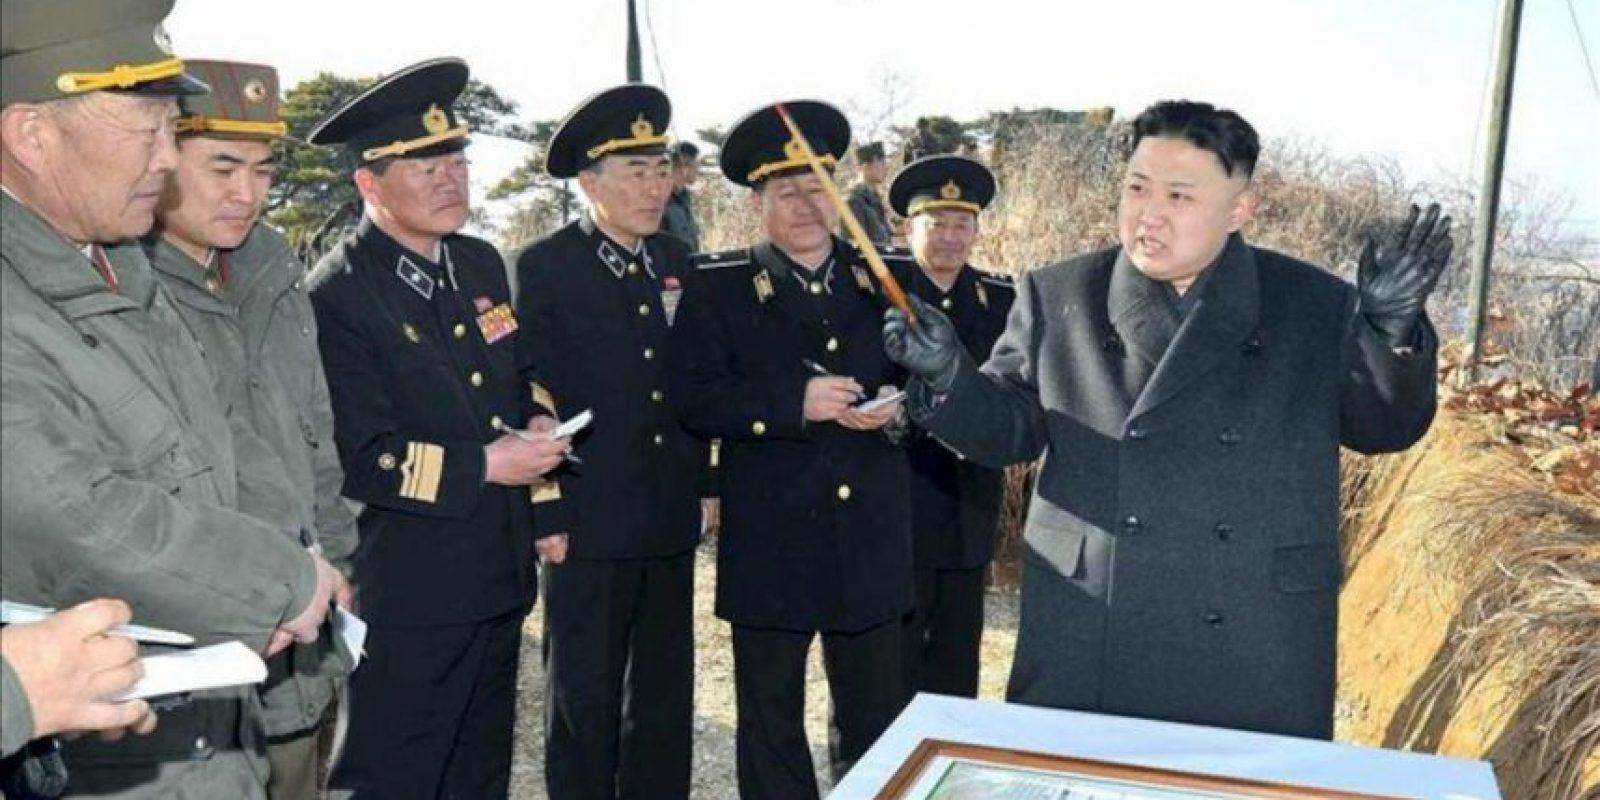 Fotografía cedida por el diario norcoreano del Partido de los Trabajadores Rodong Sinmun del líder norcoreano Kim Jong-un (d) dando instrucciones durante una inspección a ejercicios terrestres del Ejército en la costa este de Corea del Norte hoy, lunes 25 de marzo de 2013. EFE